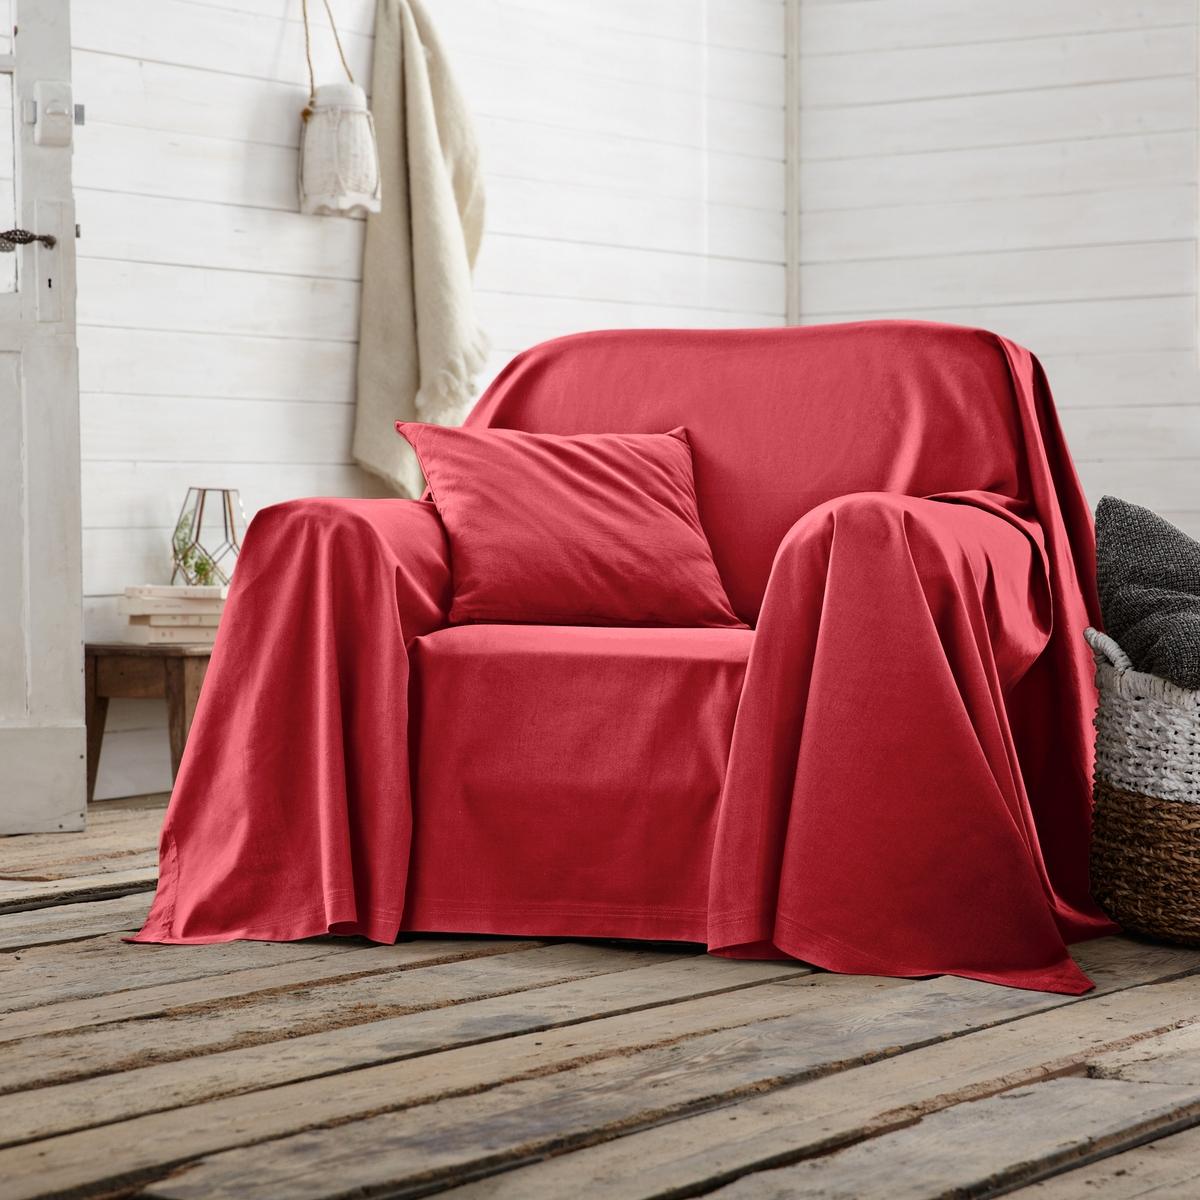 Покрывало однотонное для кресла или дивана